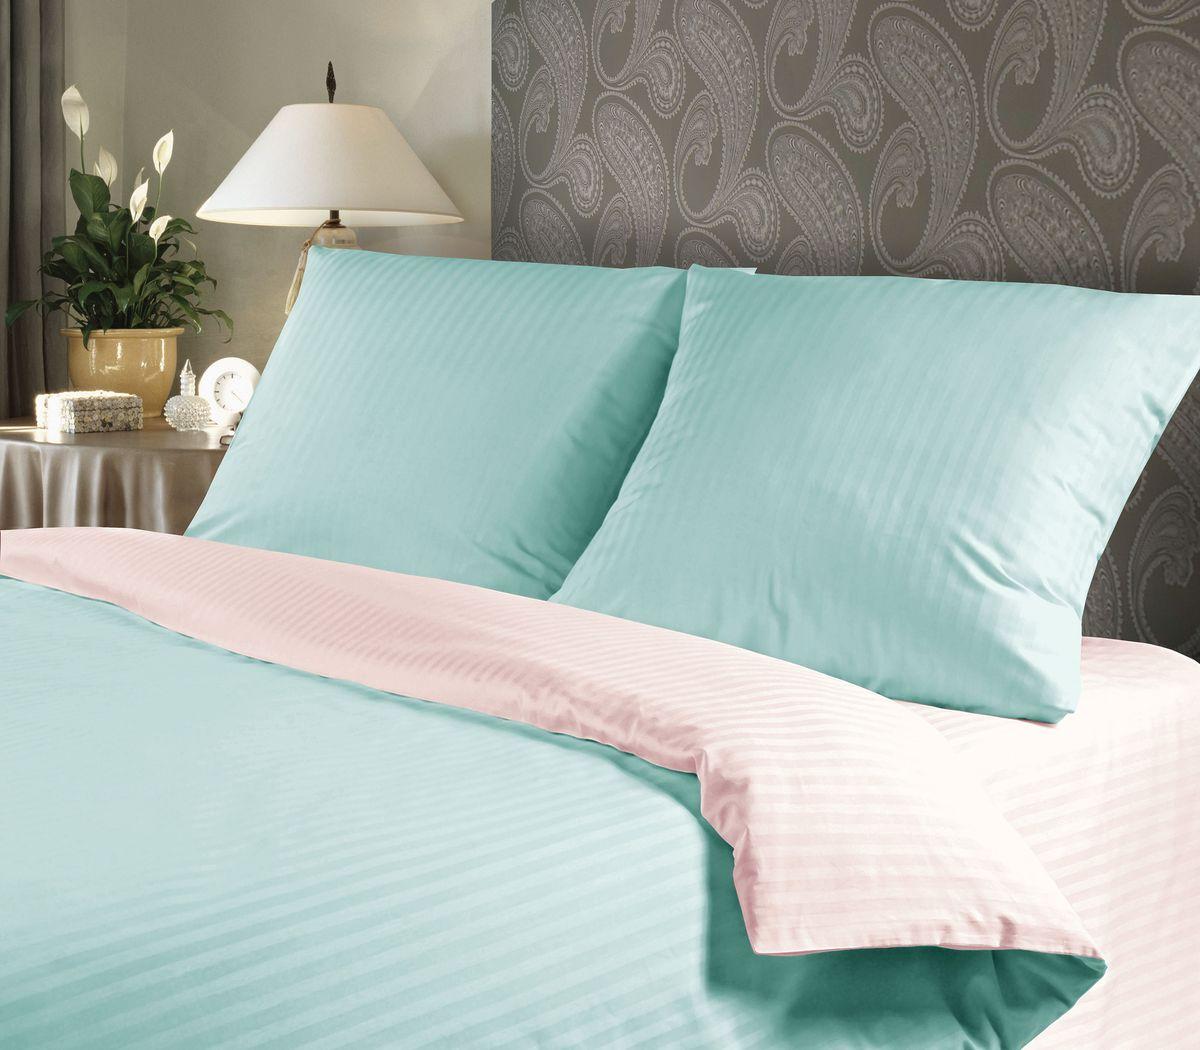 Комплект белья Verossa Sunset, 2-спальный, наволочки 70х70 комплект белья verossa delis 1 5 спальный наволочки 70х70